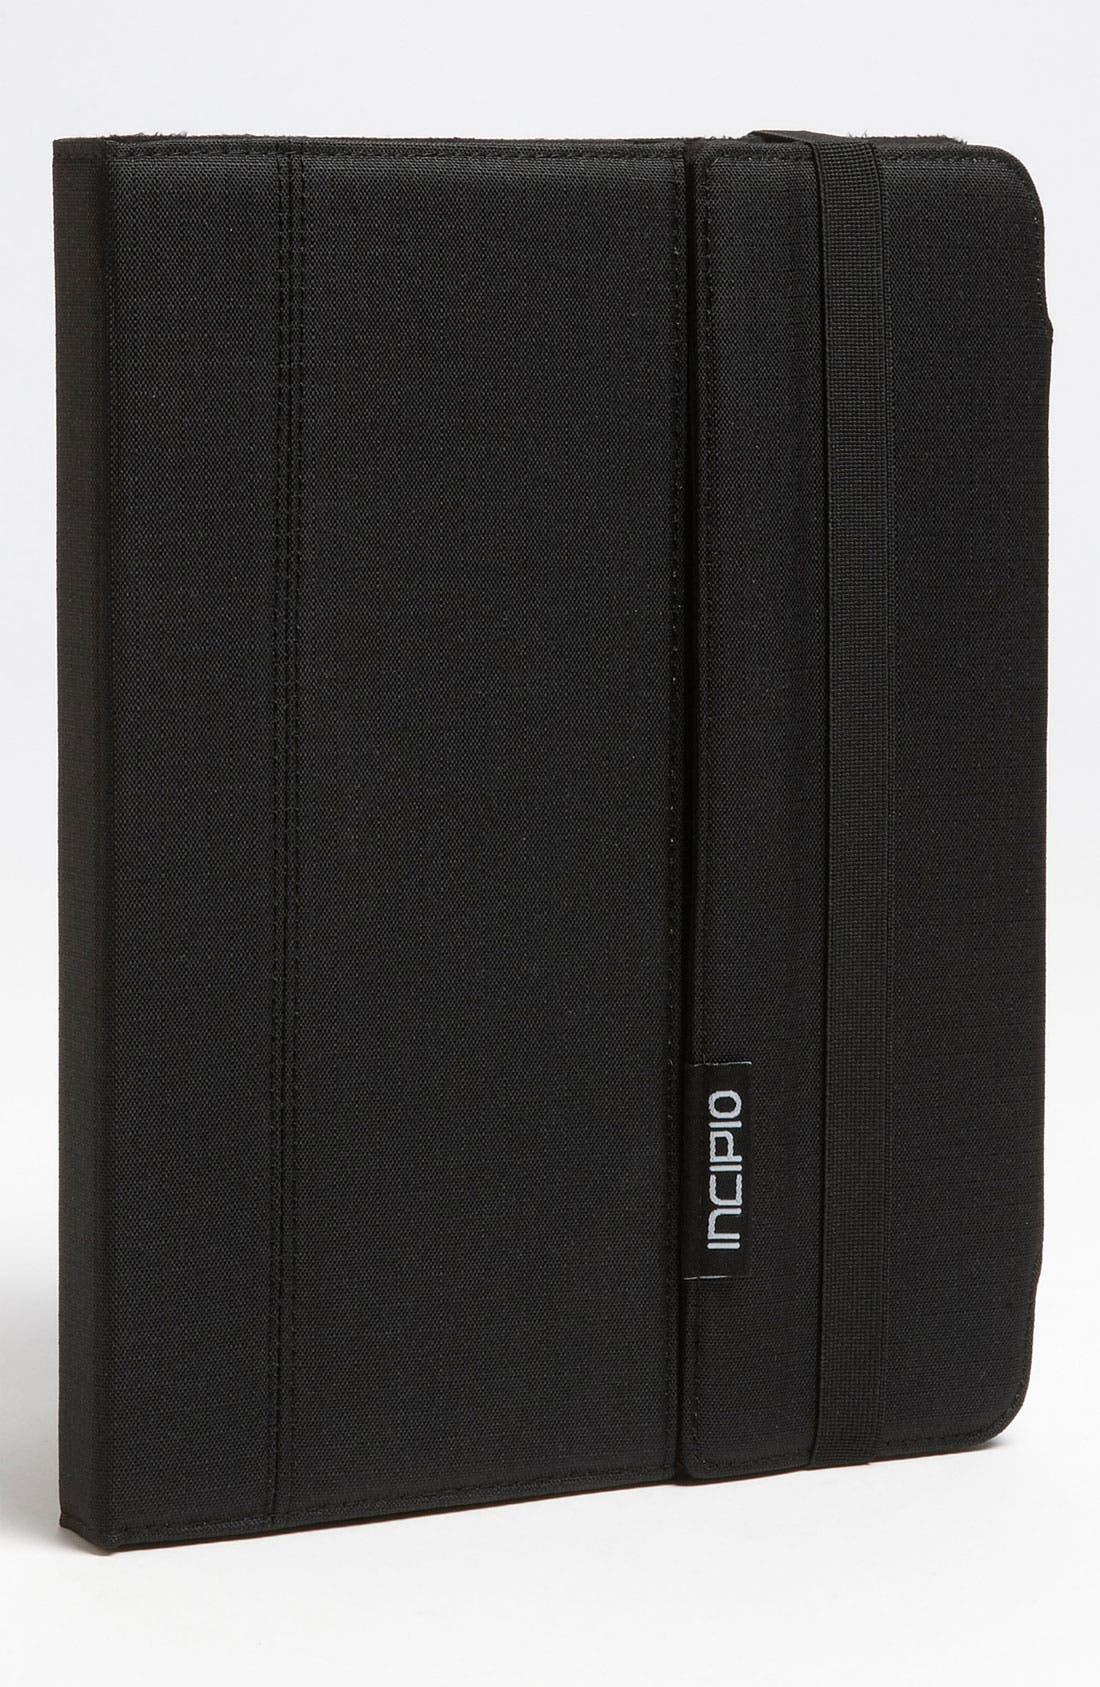 Alternate Image 1 Selected - Incipio 'Premium Kickstand' iPad 2 & 3 Case